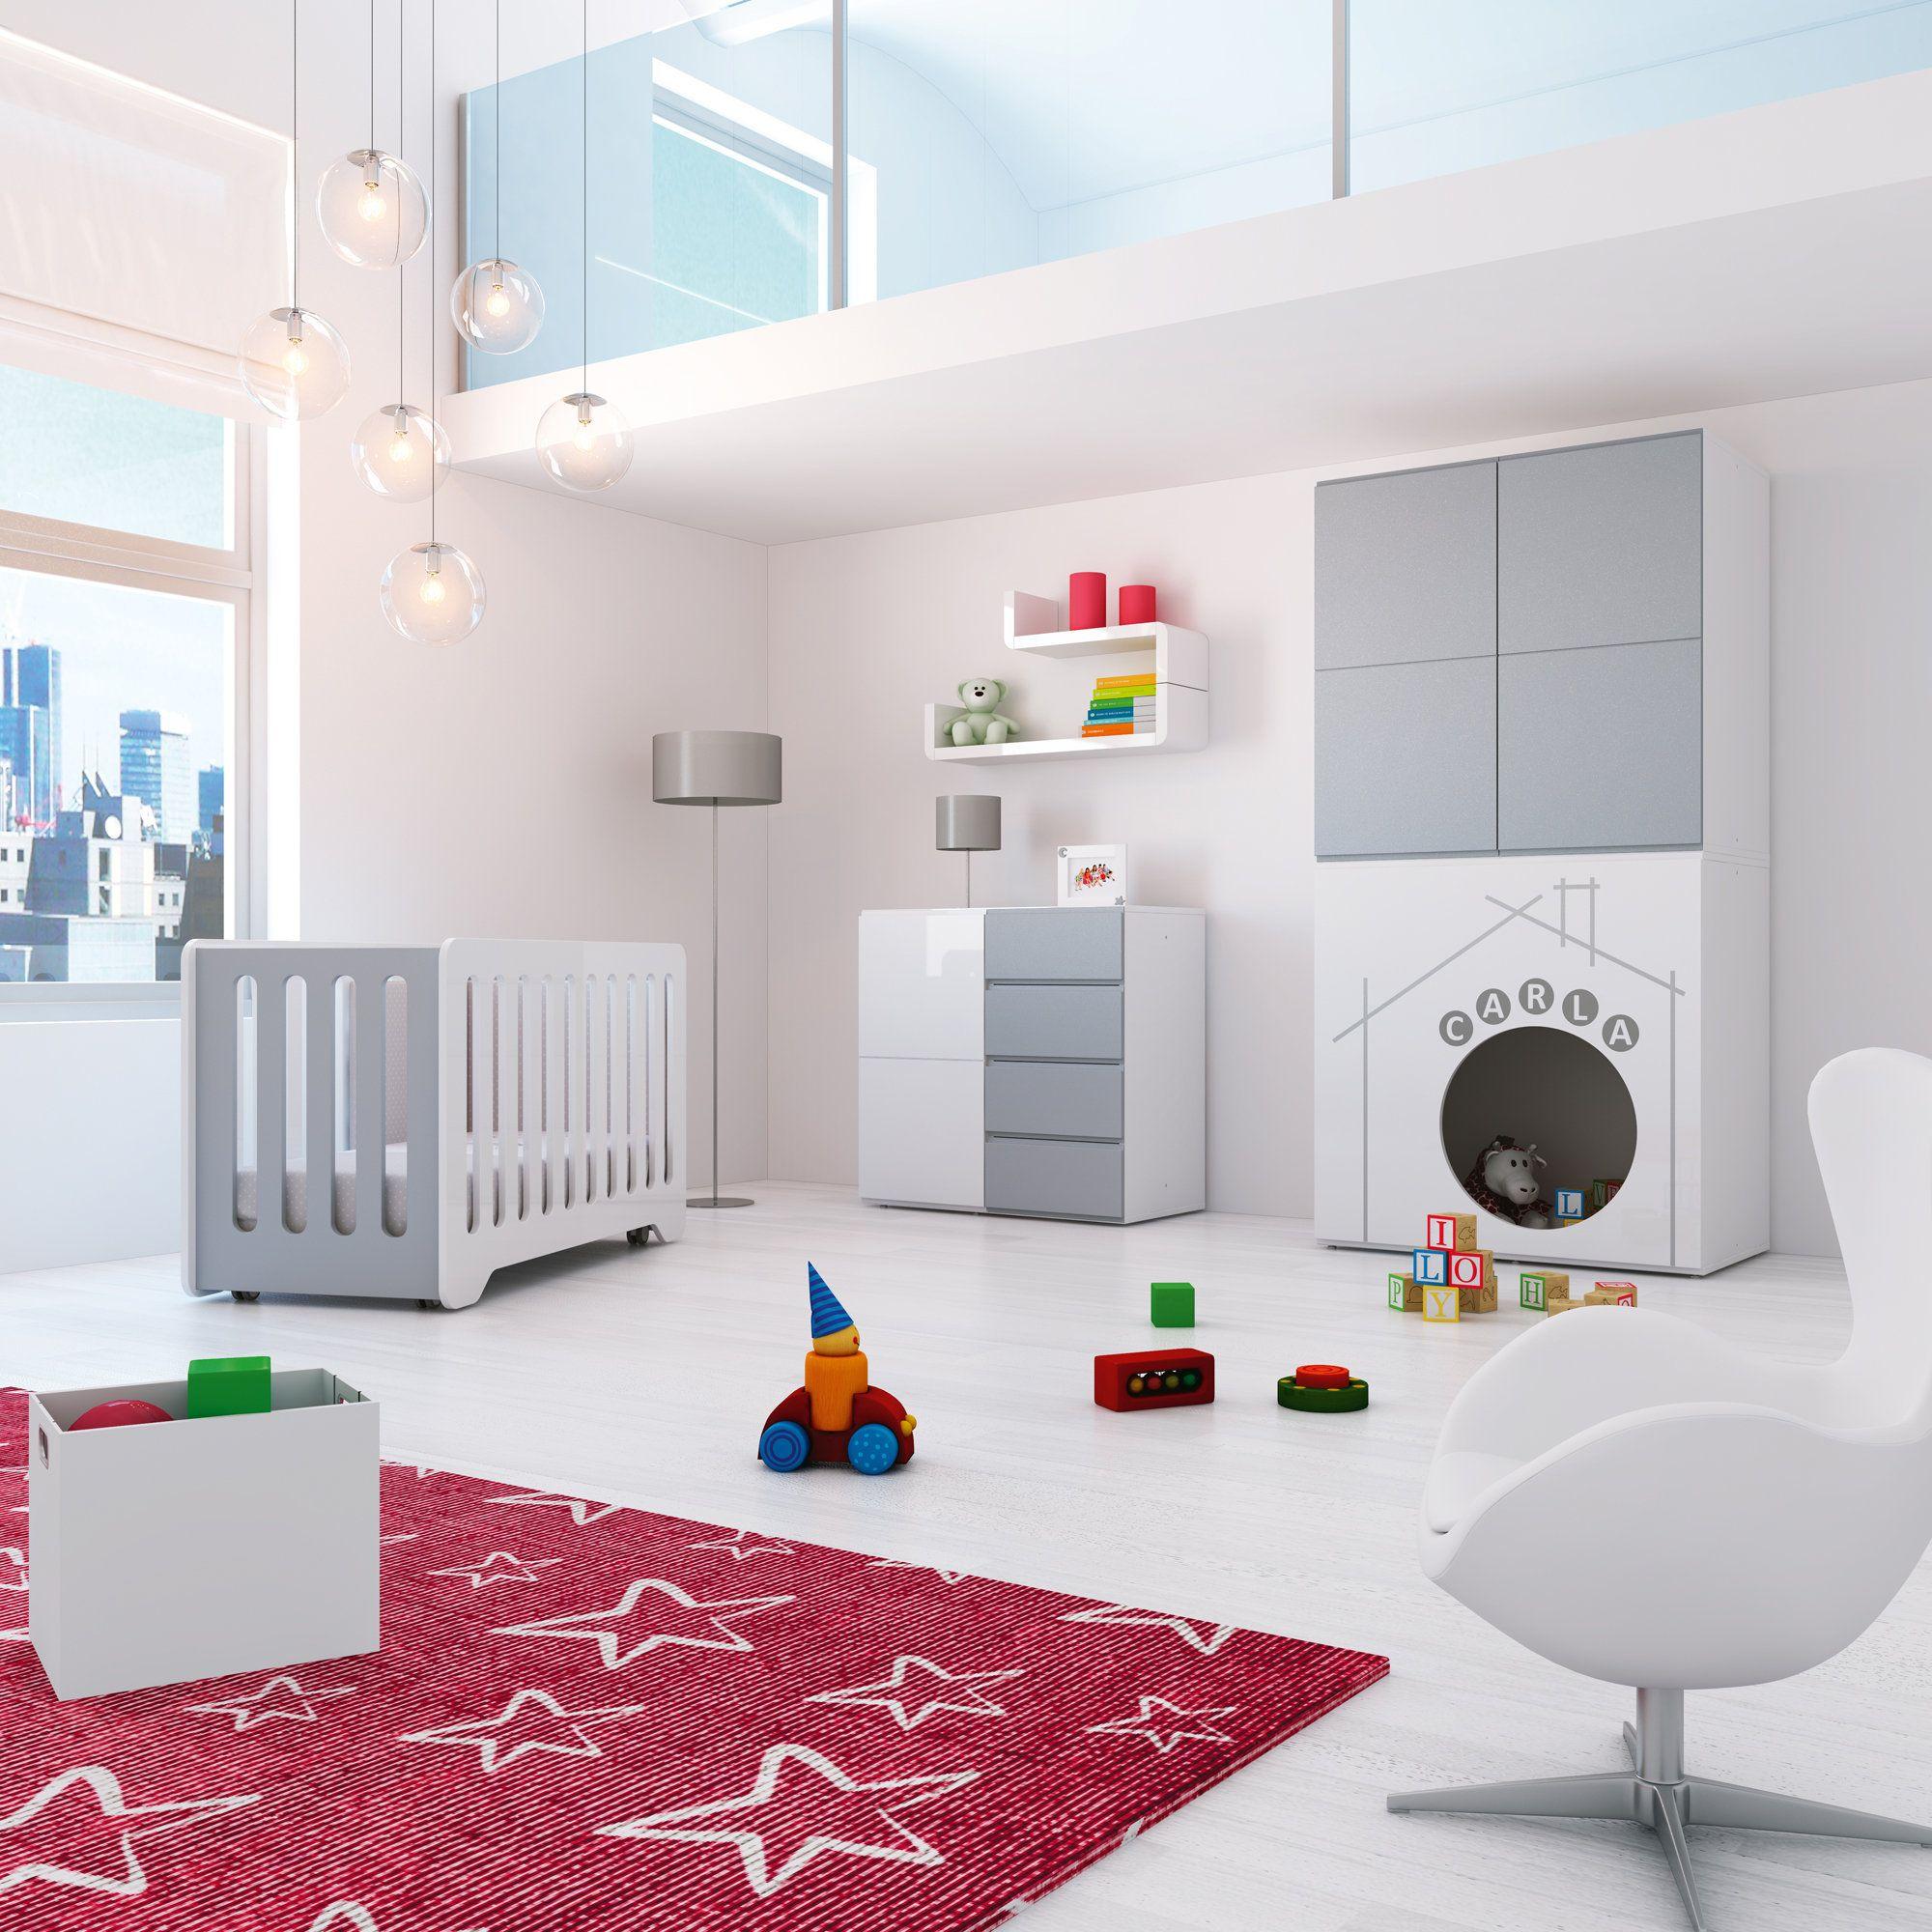 Habitaciones infantiles de dise o para beb s modular play for Diseno de habitaciones infantiles